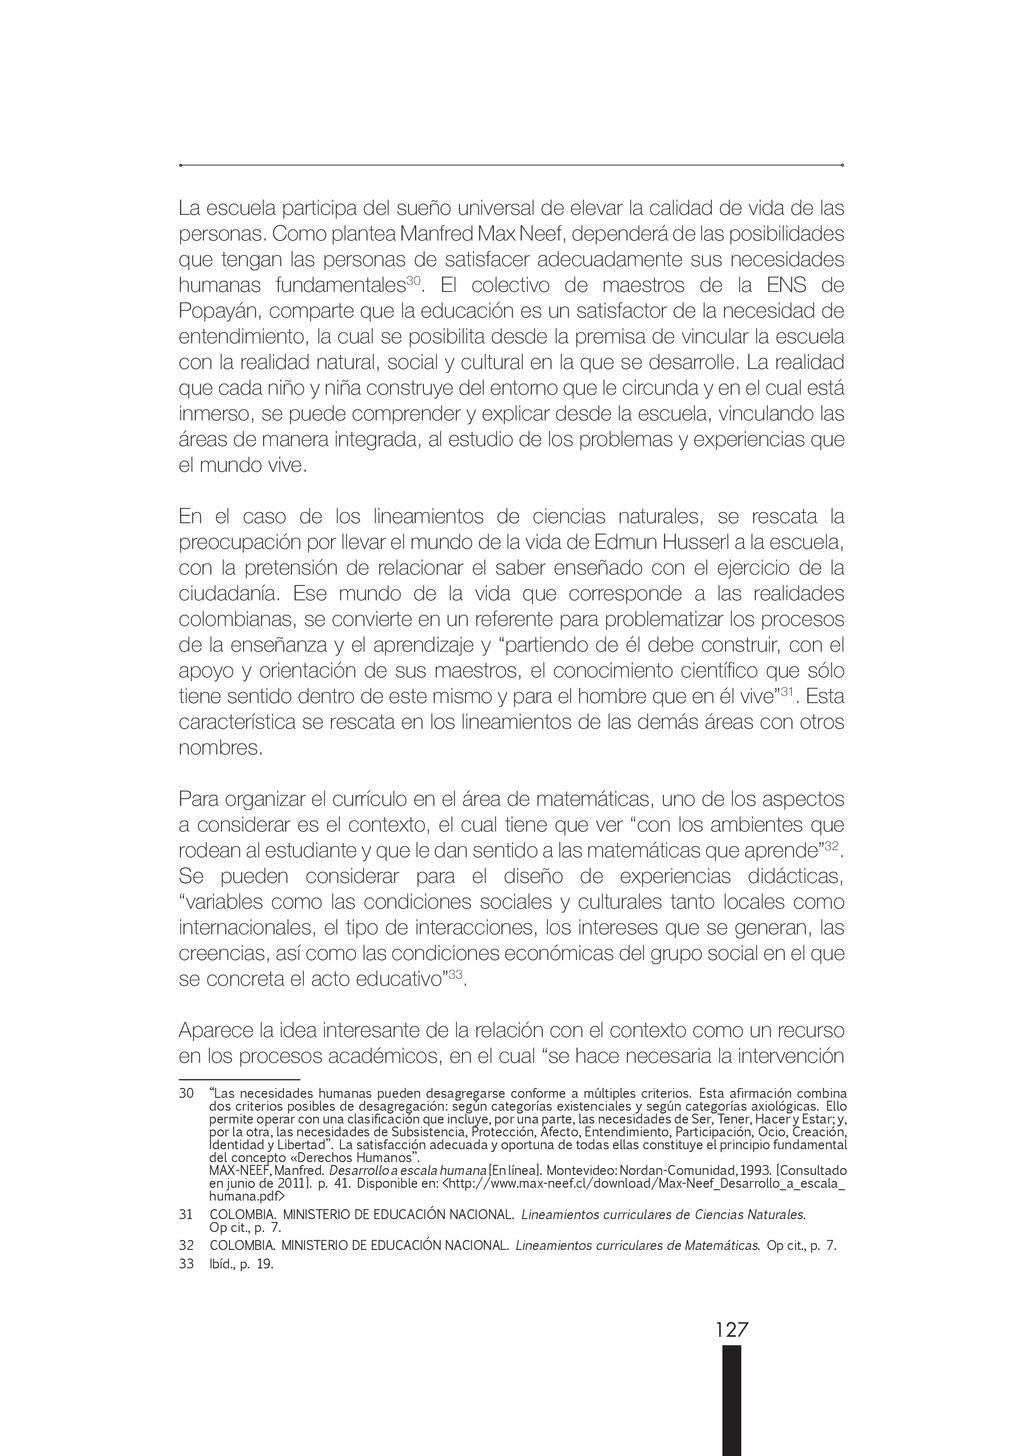 127 La escuela participa del sueño universal de...